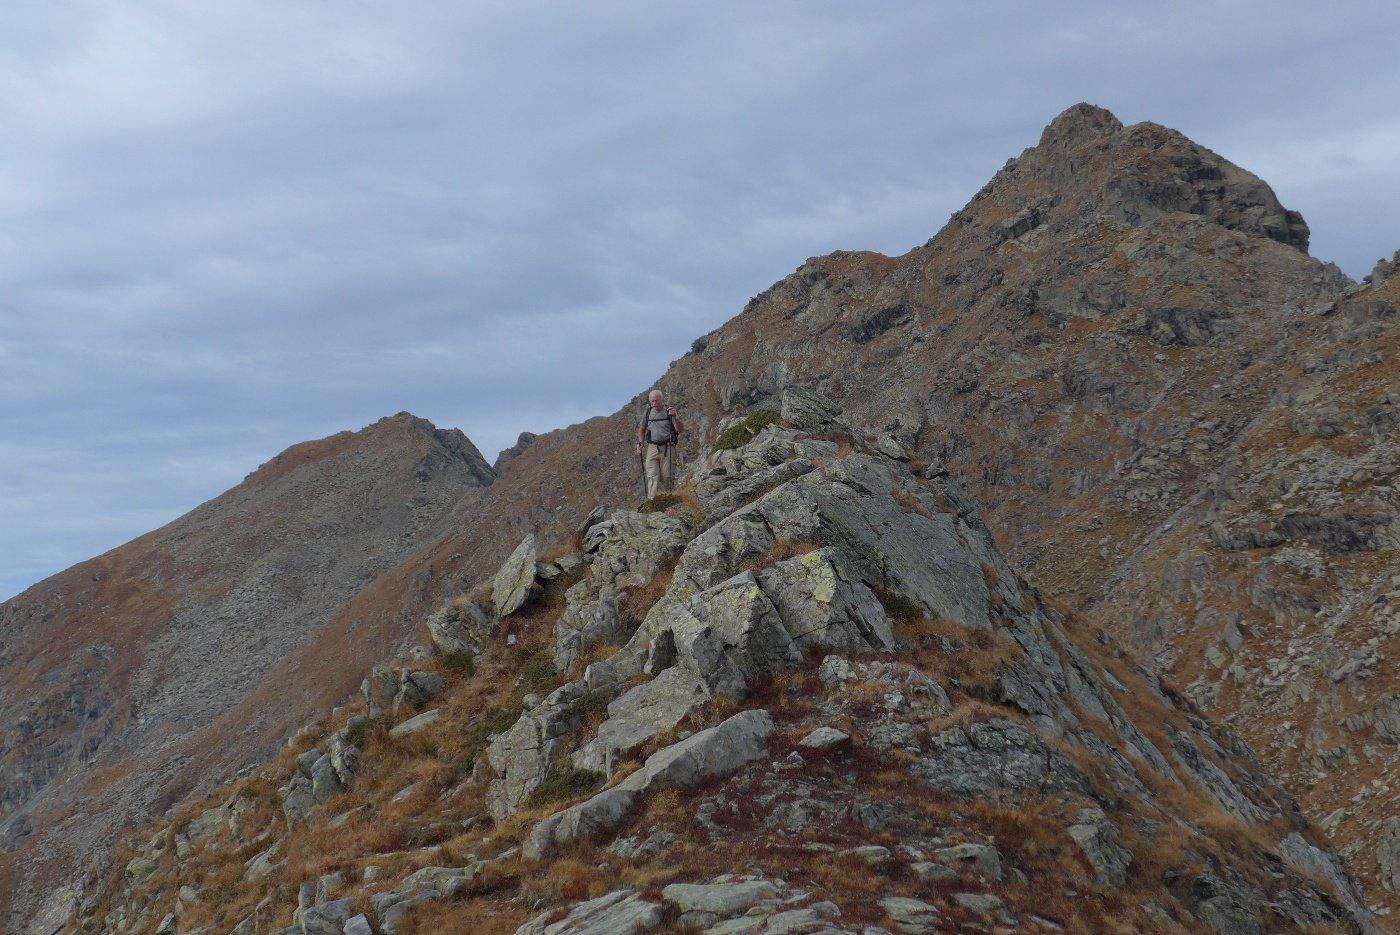 Franco sugli ultimi metri di cresta